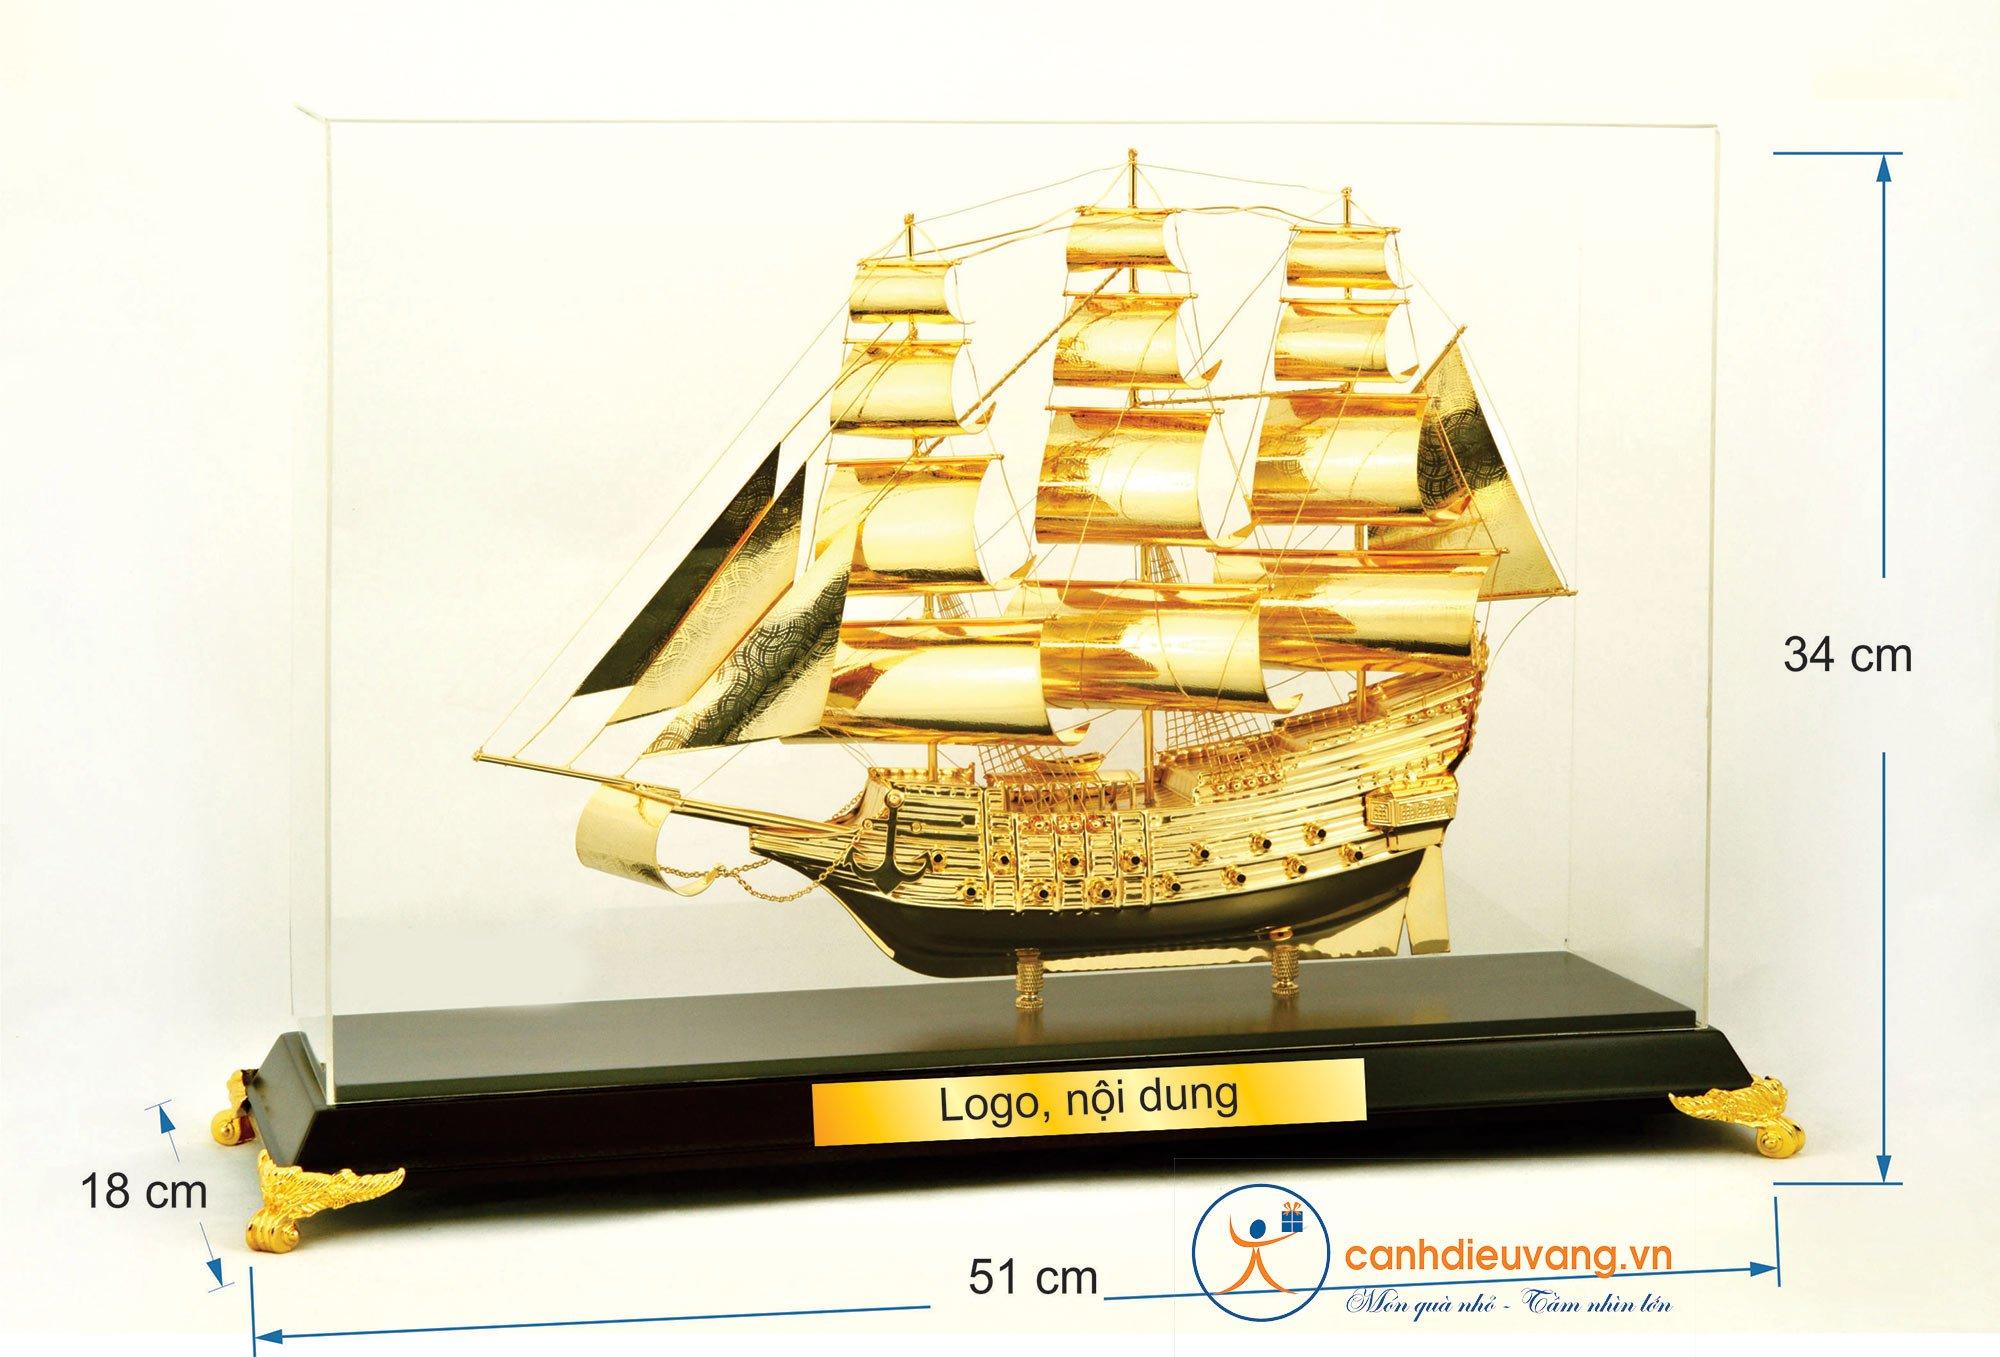 Thuyền buồm mạ vàng cỡ đại 421